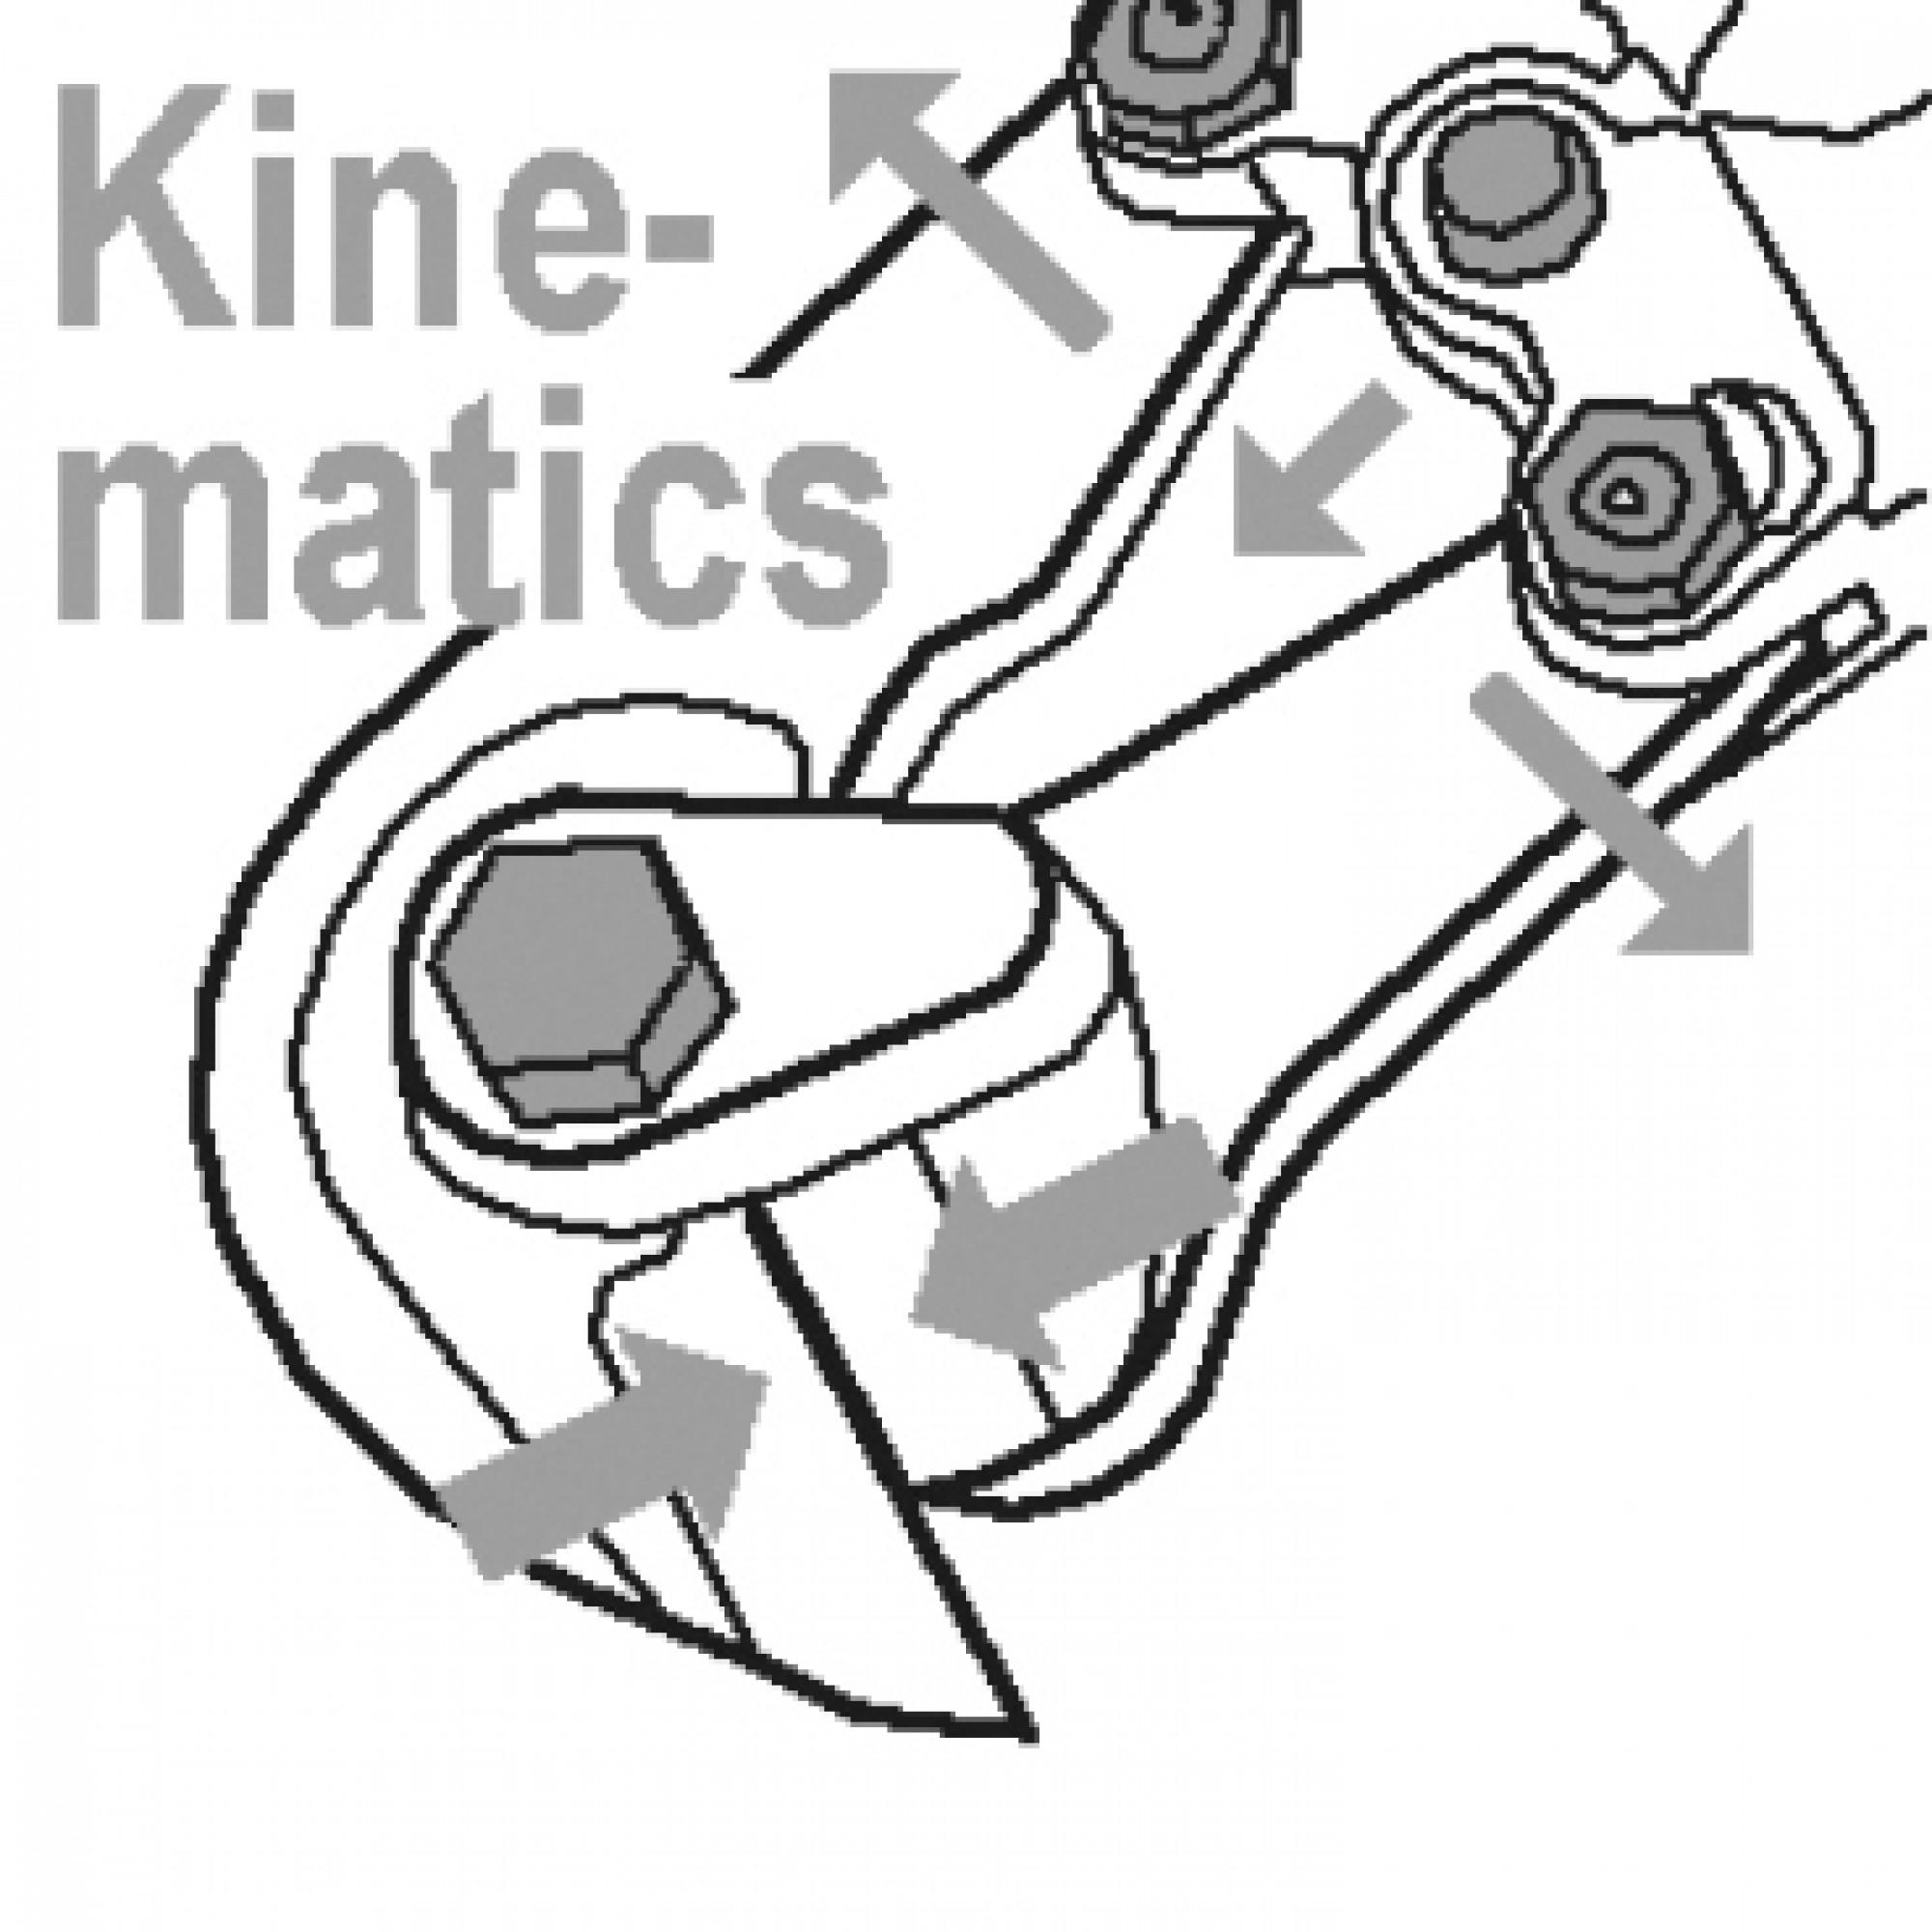 cutters mat craft pin cutting model tools hobby and supplies mats new cutter logan